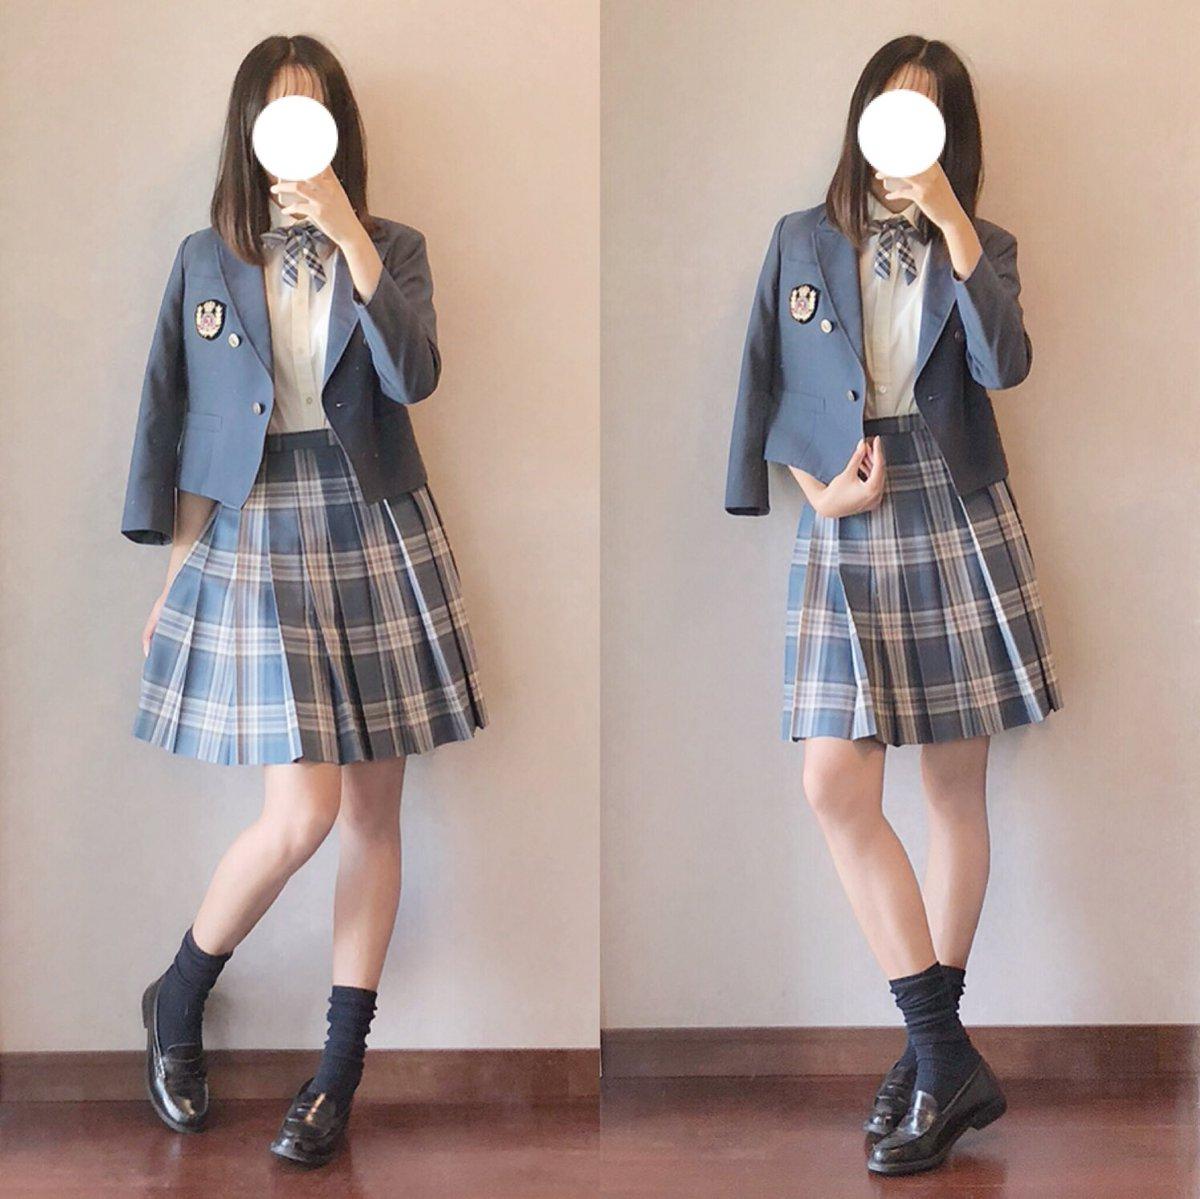 総合 高校 金沢 神奈川県立金沢総合高等学校